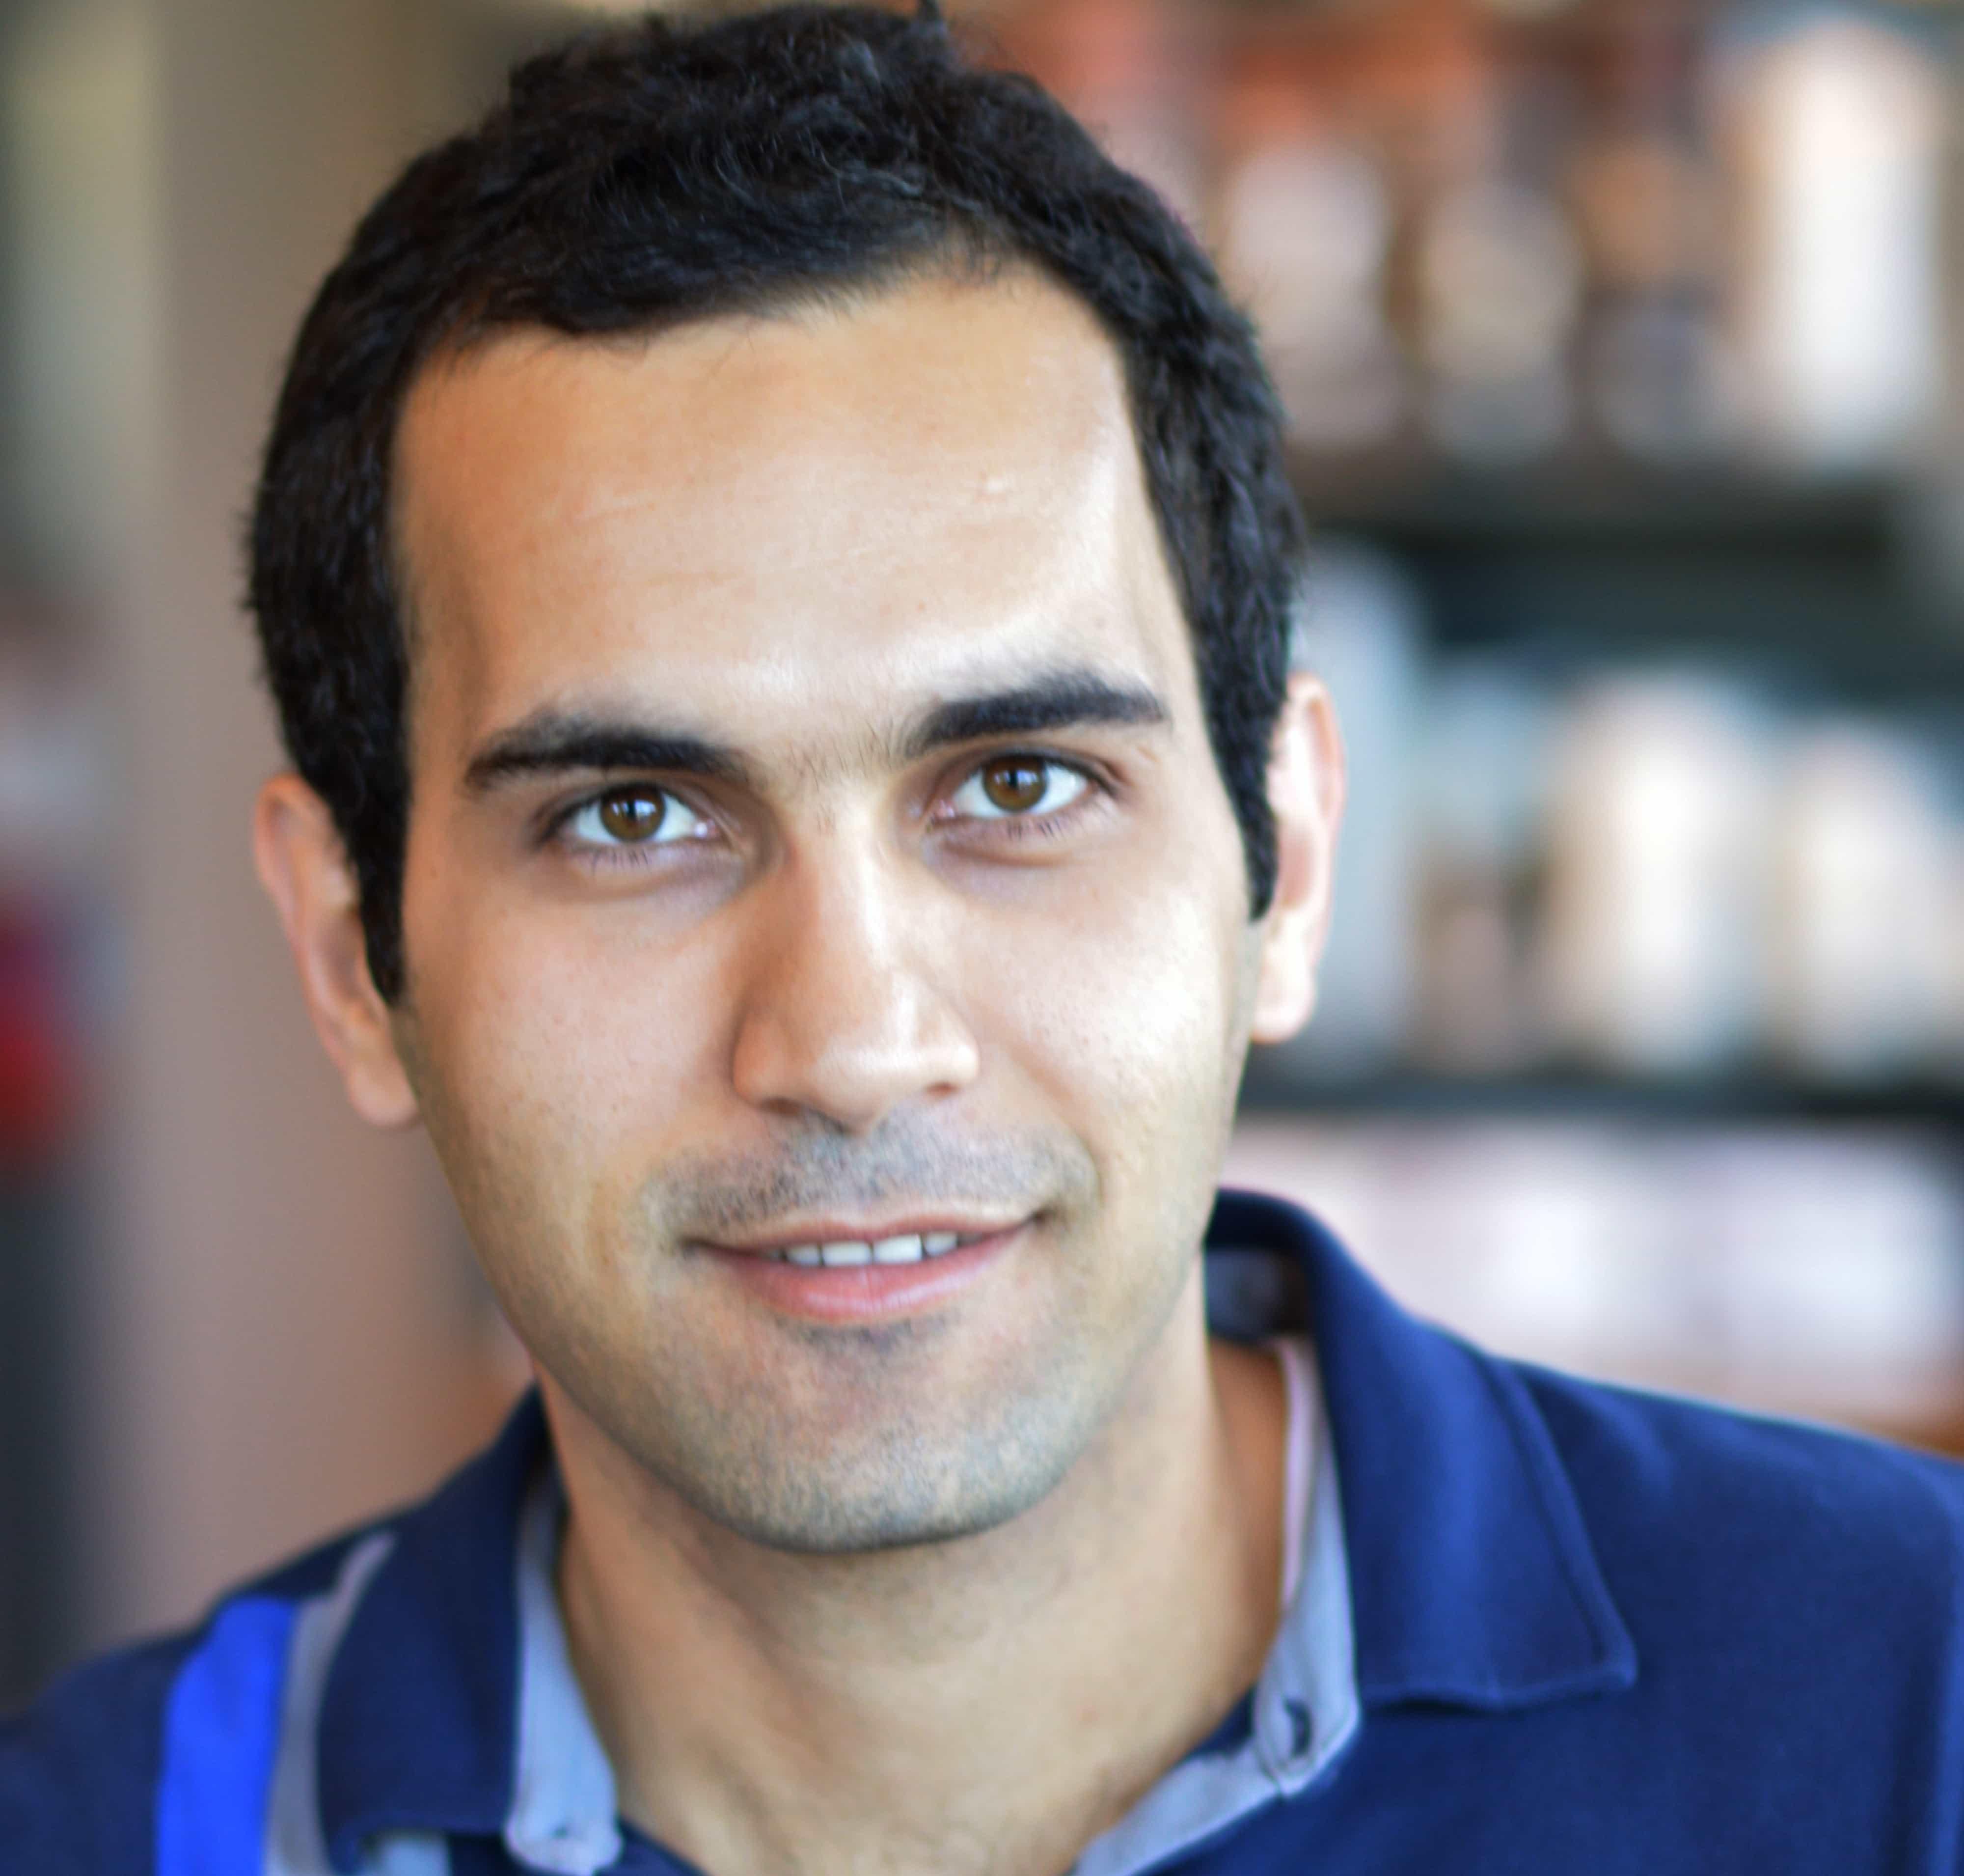 Ahmad Eshghinejad : Graduate Student